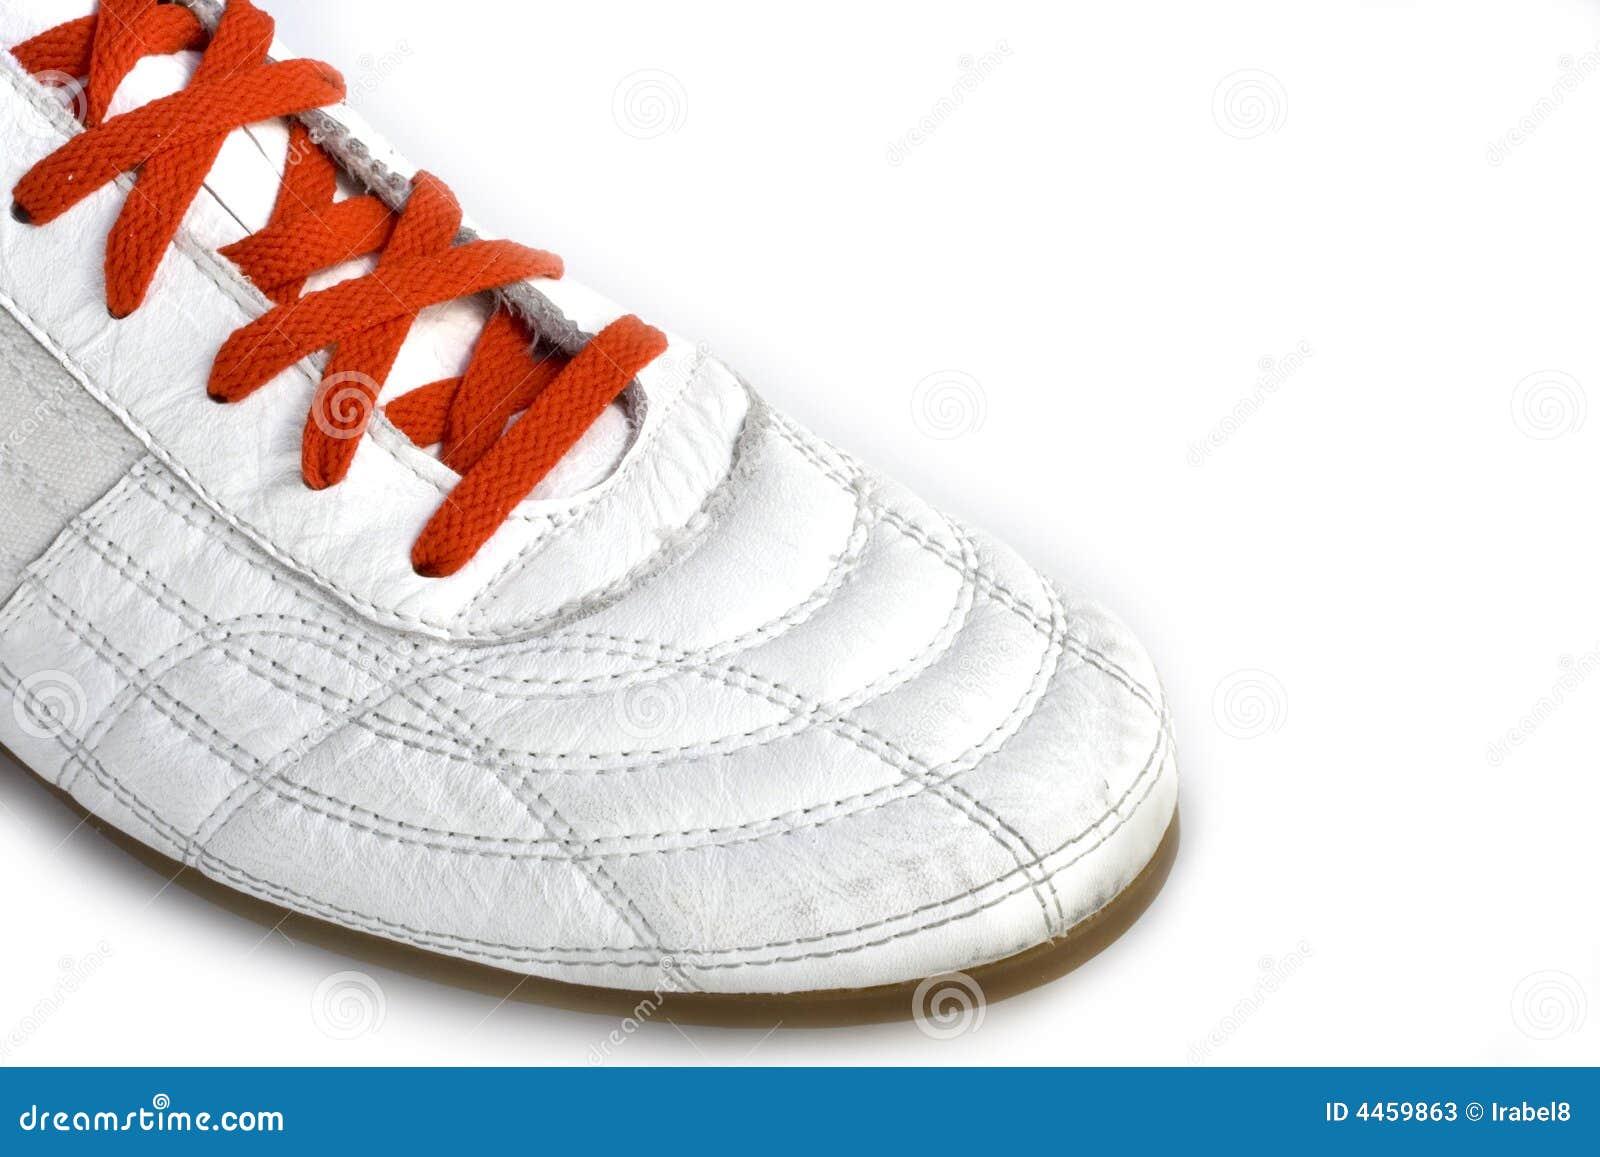 Połowa buty sportowe